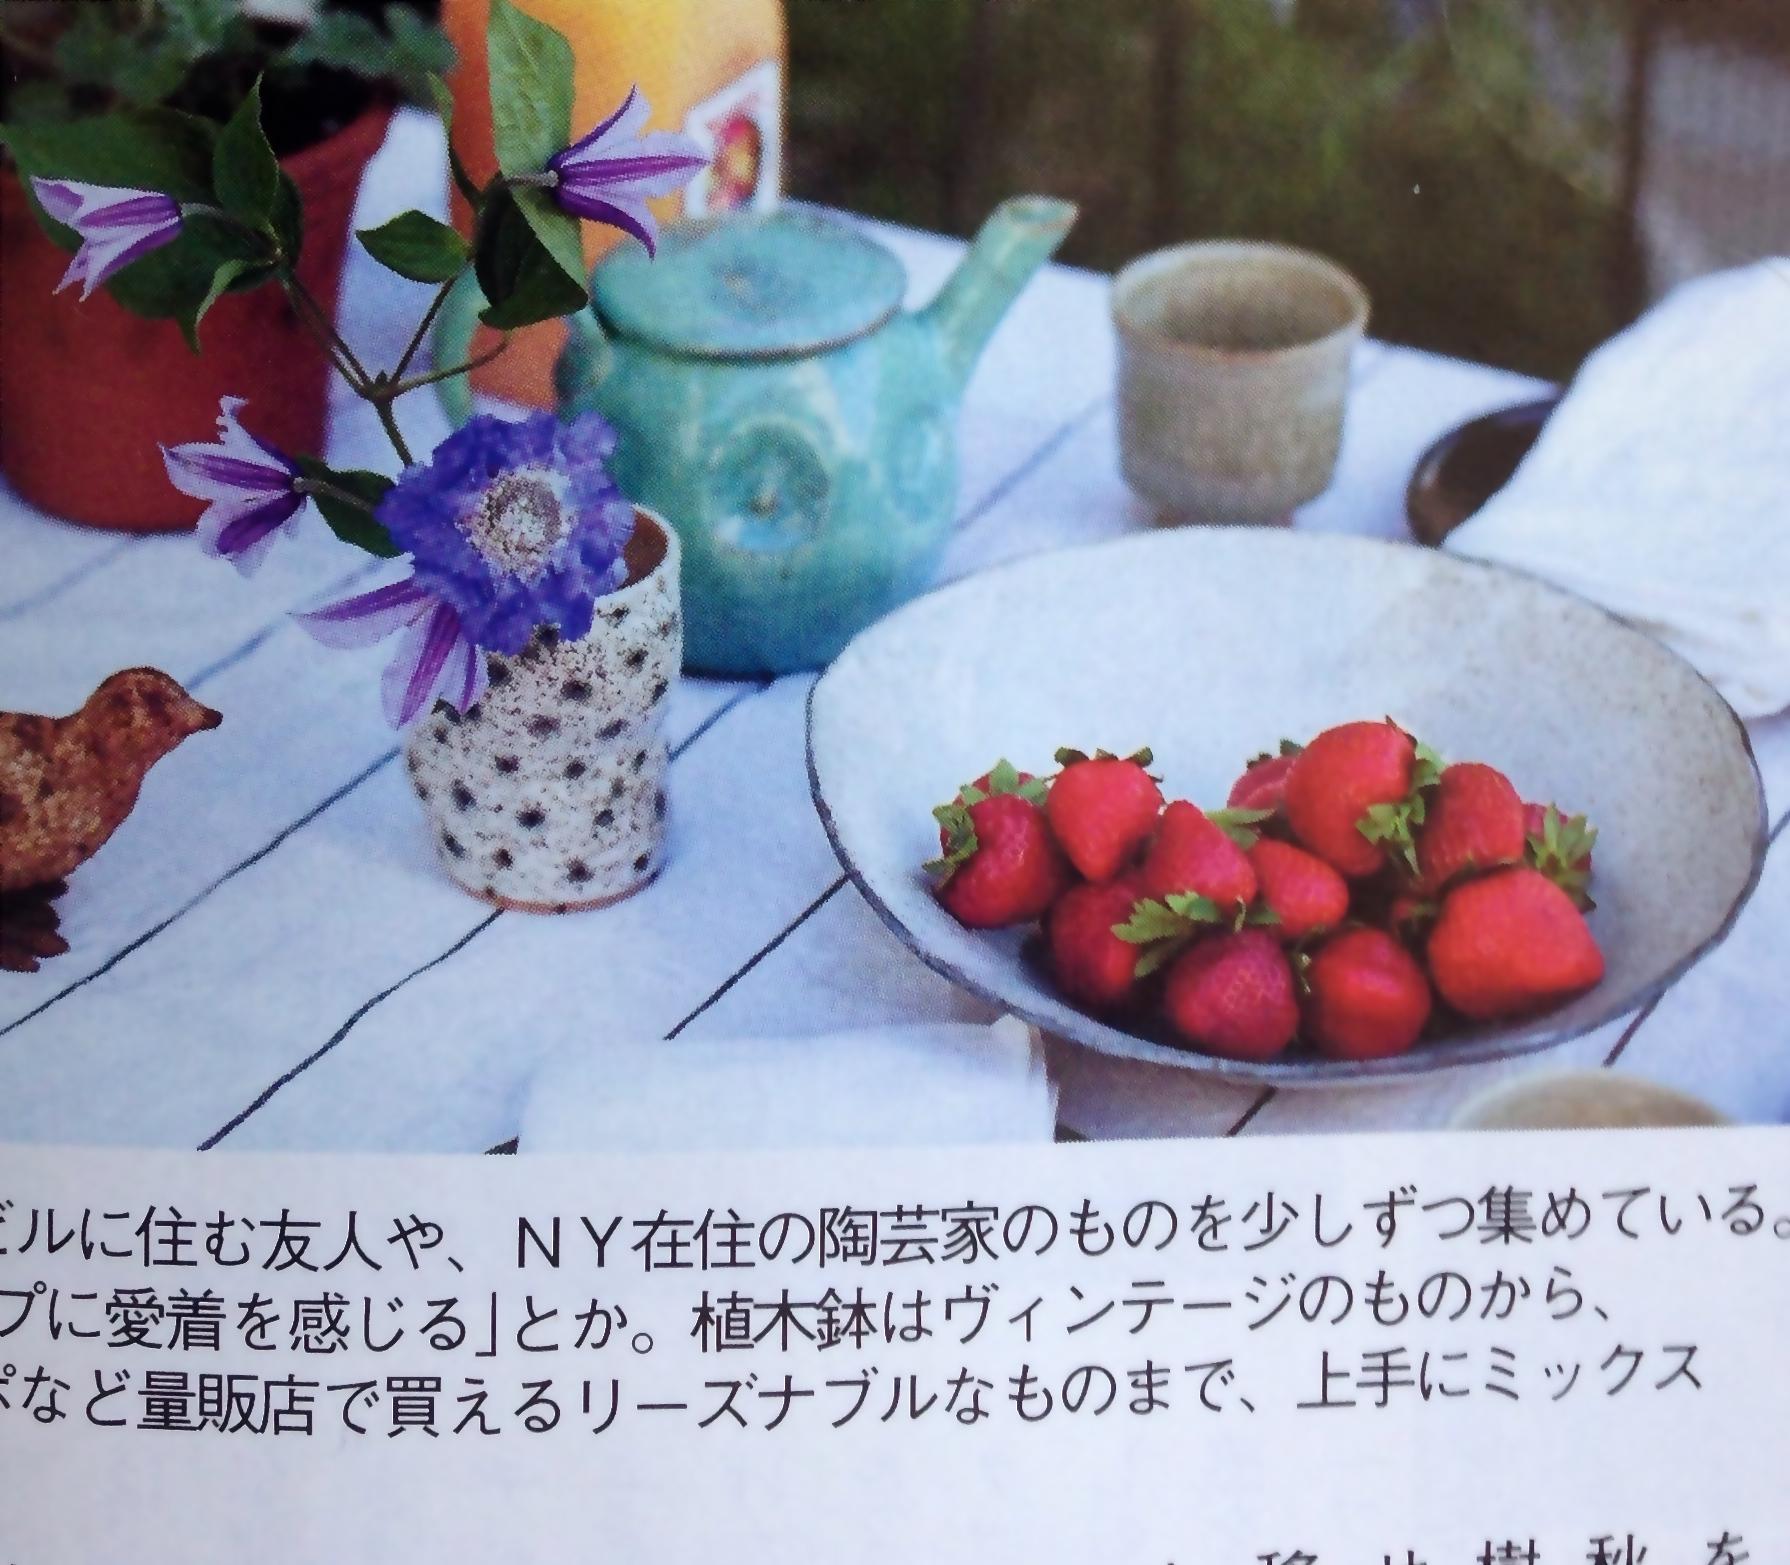 Spur magazine - Japan